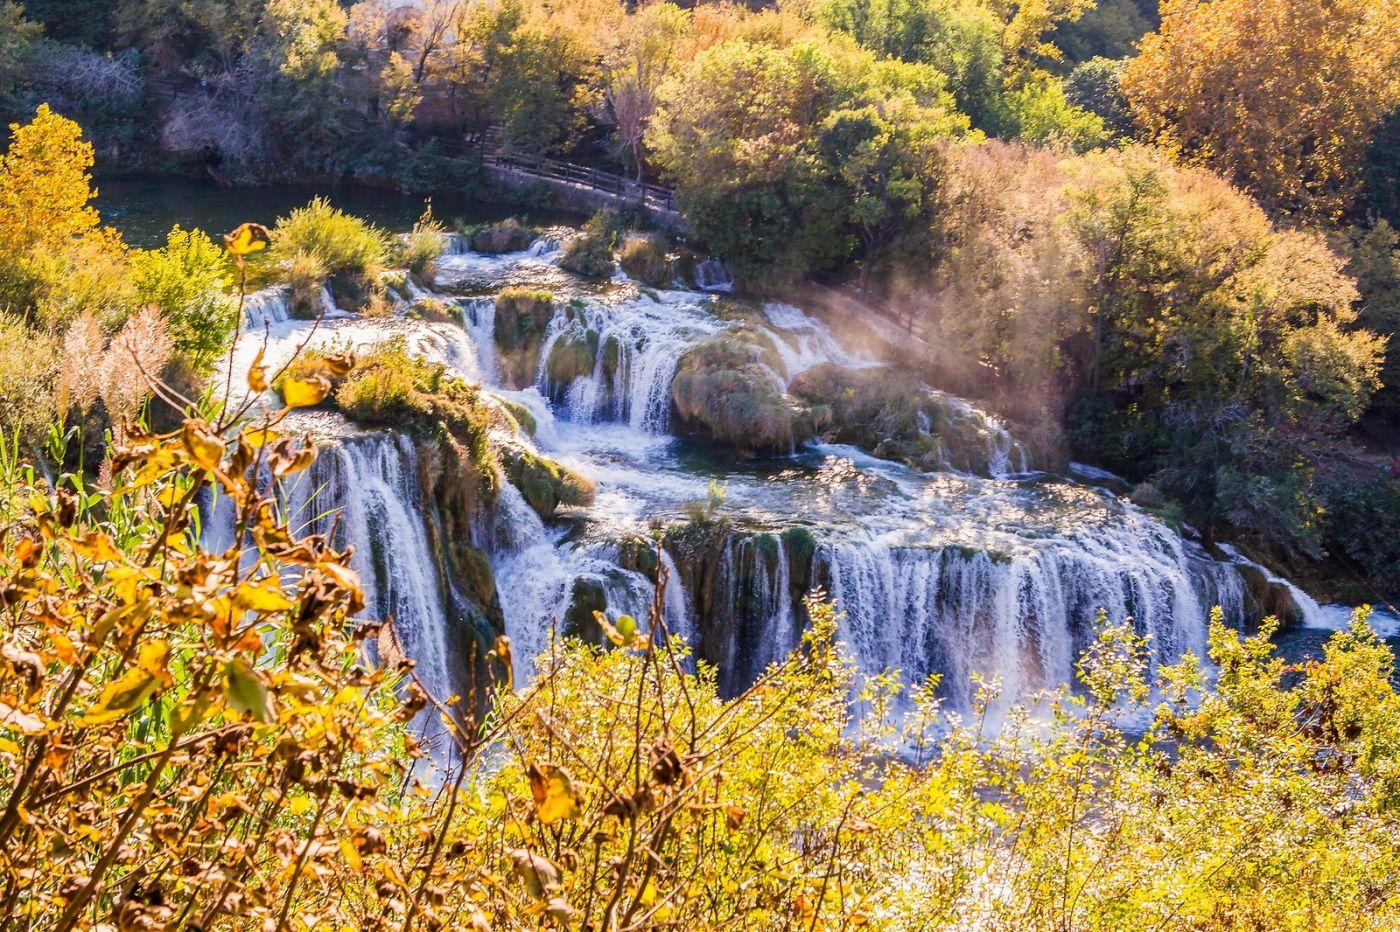 克罗地亚克尔卡国家公园(Krka National Park),瀑布瀑布瀑布_图1-4